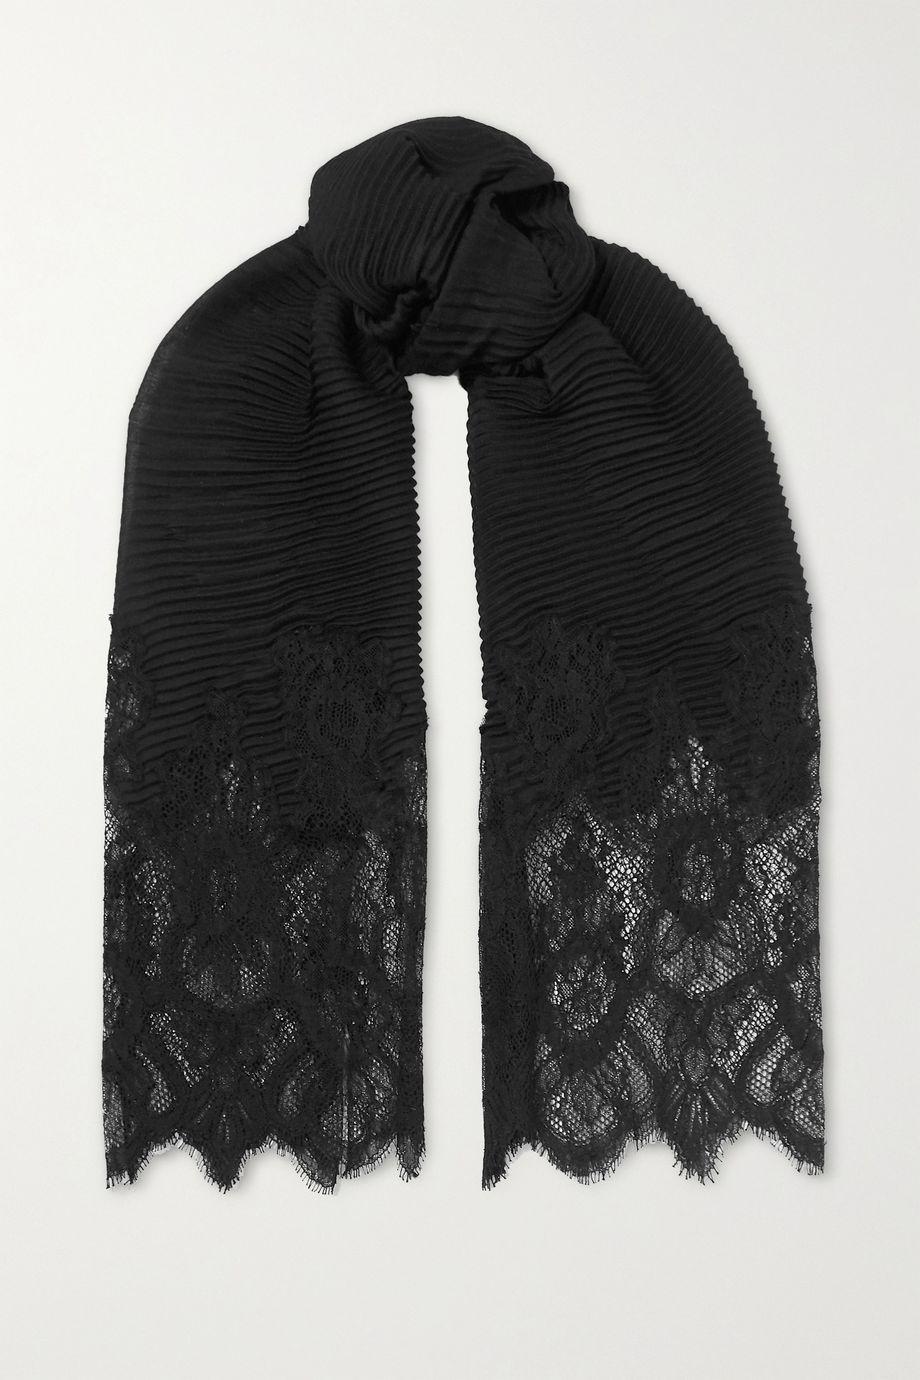 Valentino Valentino Garavani Tuch aus einer plissierten Kaschmir-Wollmischung und Spitze